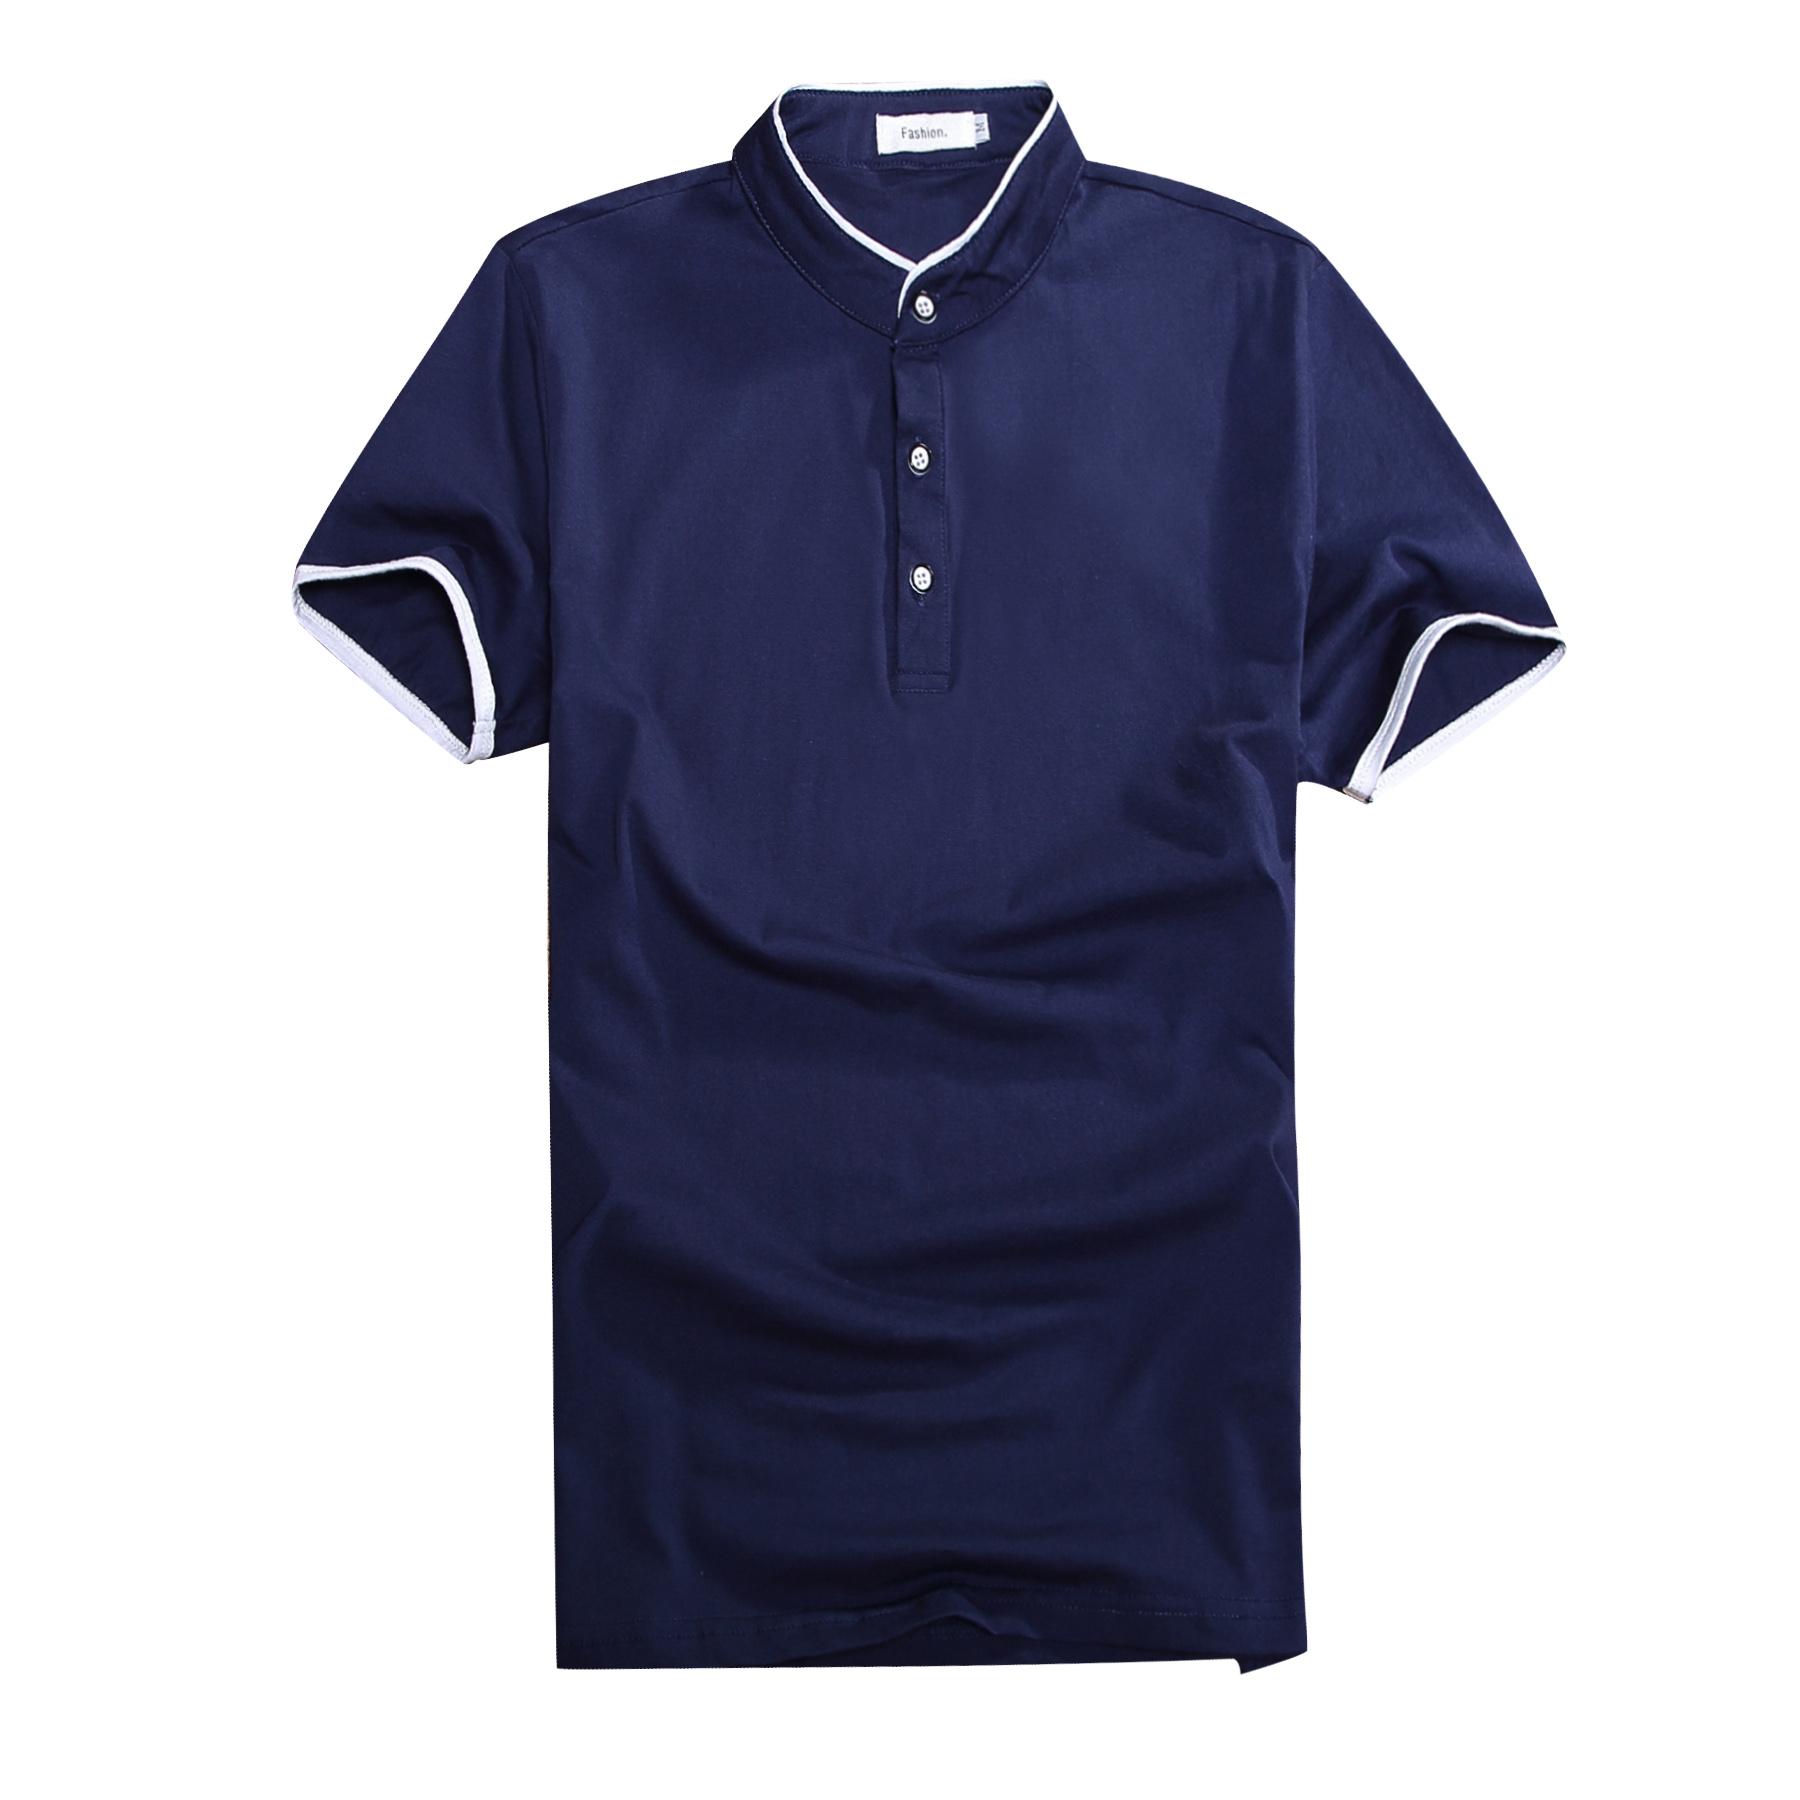 夏季短袖男士t恤立领韩版POLO衫青年潮流学生修身上衣服男装